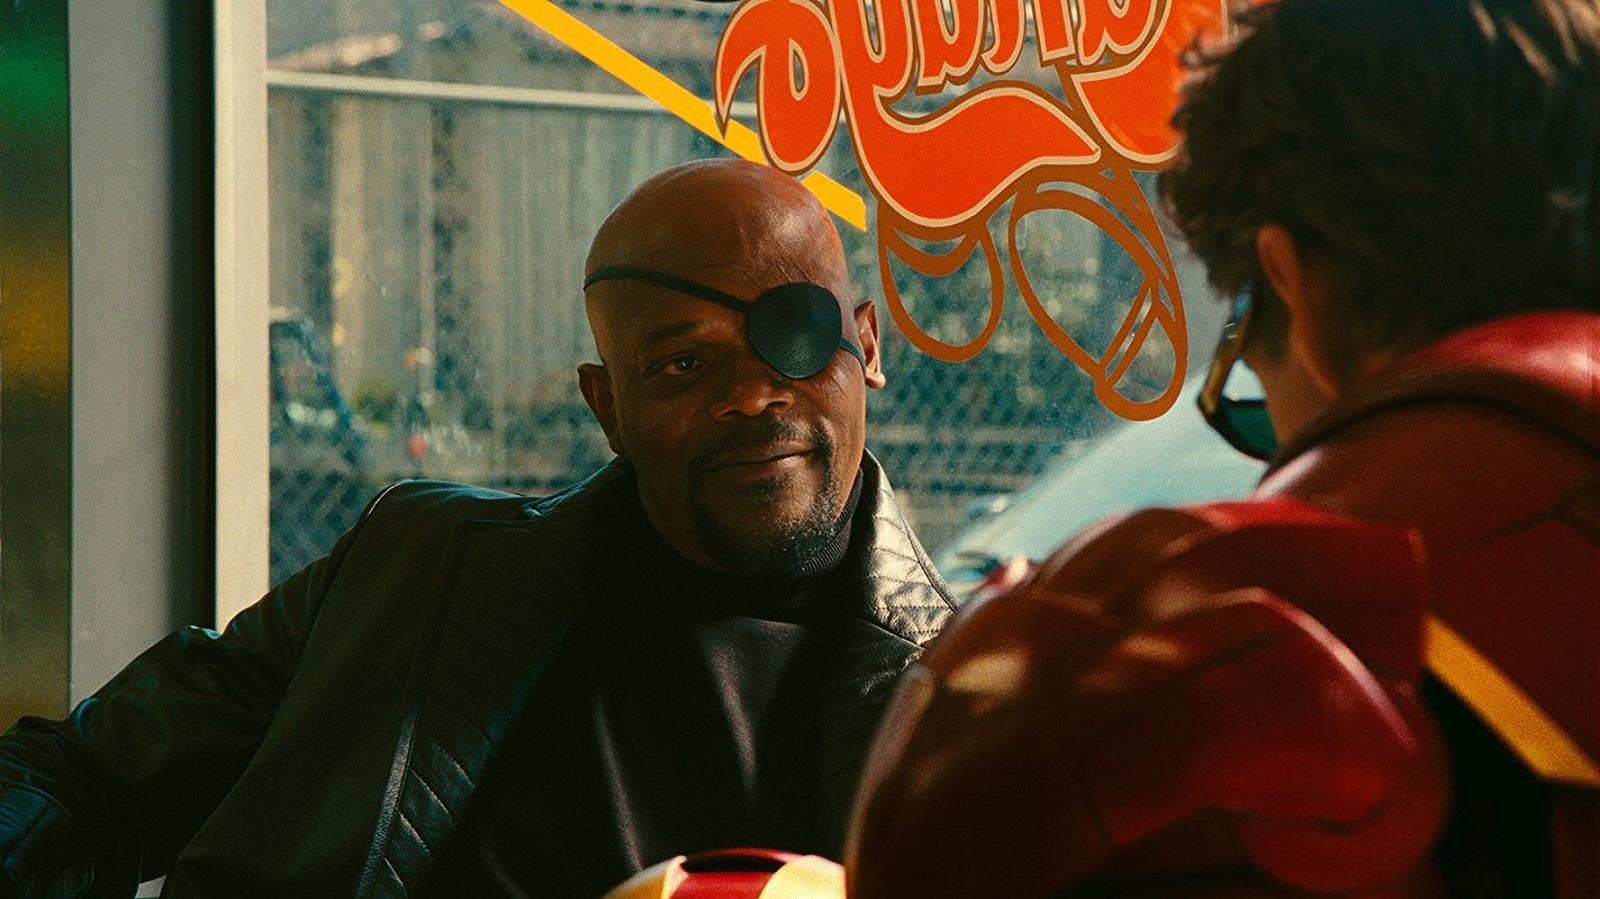 A Vasember híres stáblistás jelenetének sikerei után, melyben megismerhettük a Samuel L. Jackson által alakított Nick Fury-t, akadt egy kis galiba. Egyáltalán nem volt biztos ugyanis, hogy Samuel L. Jacksont valaha is viszontláthatjuk. Jackson és a Stúdió között nézeteltérés volt a szerződést illetően, ami szerencsére megoldódott, így a színész végül leszerződött a Marvellel.  (Marvel)